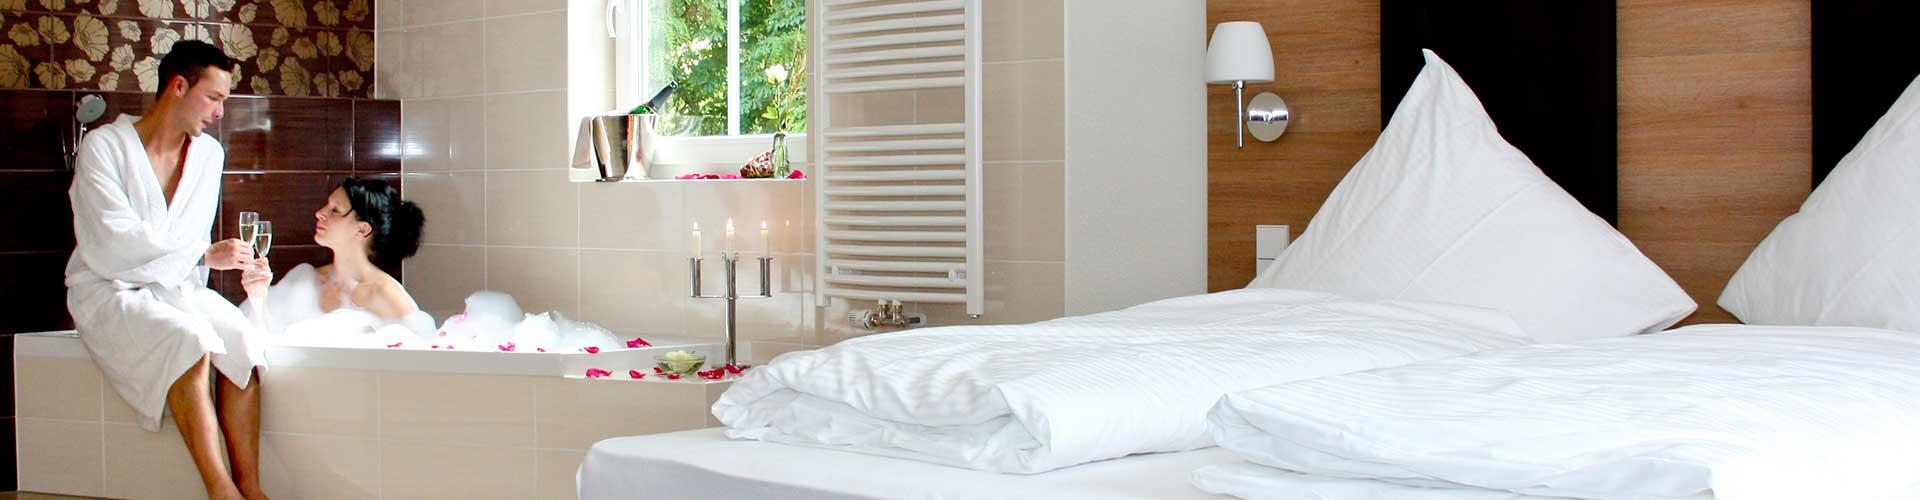 Hotel Rössle Berneck: Für Ihren Kurzurlaub für 2